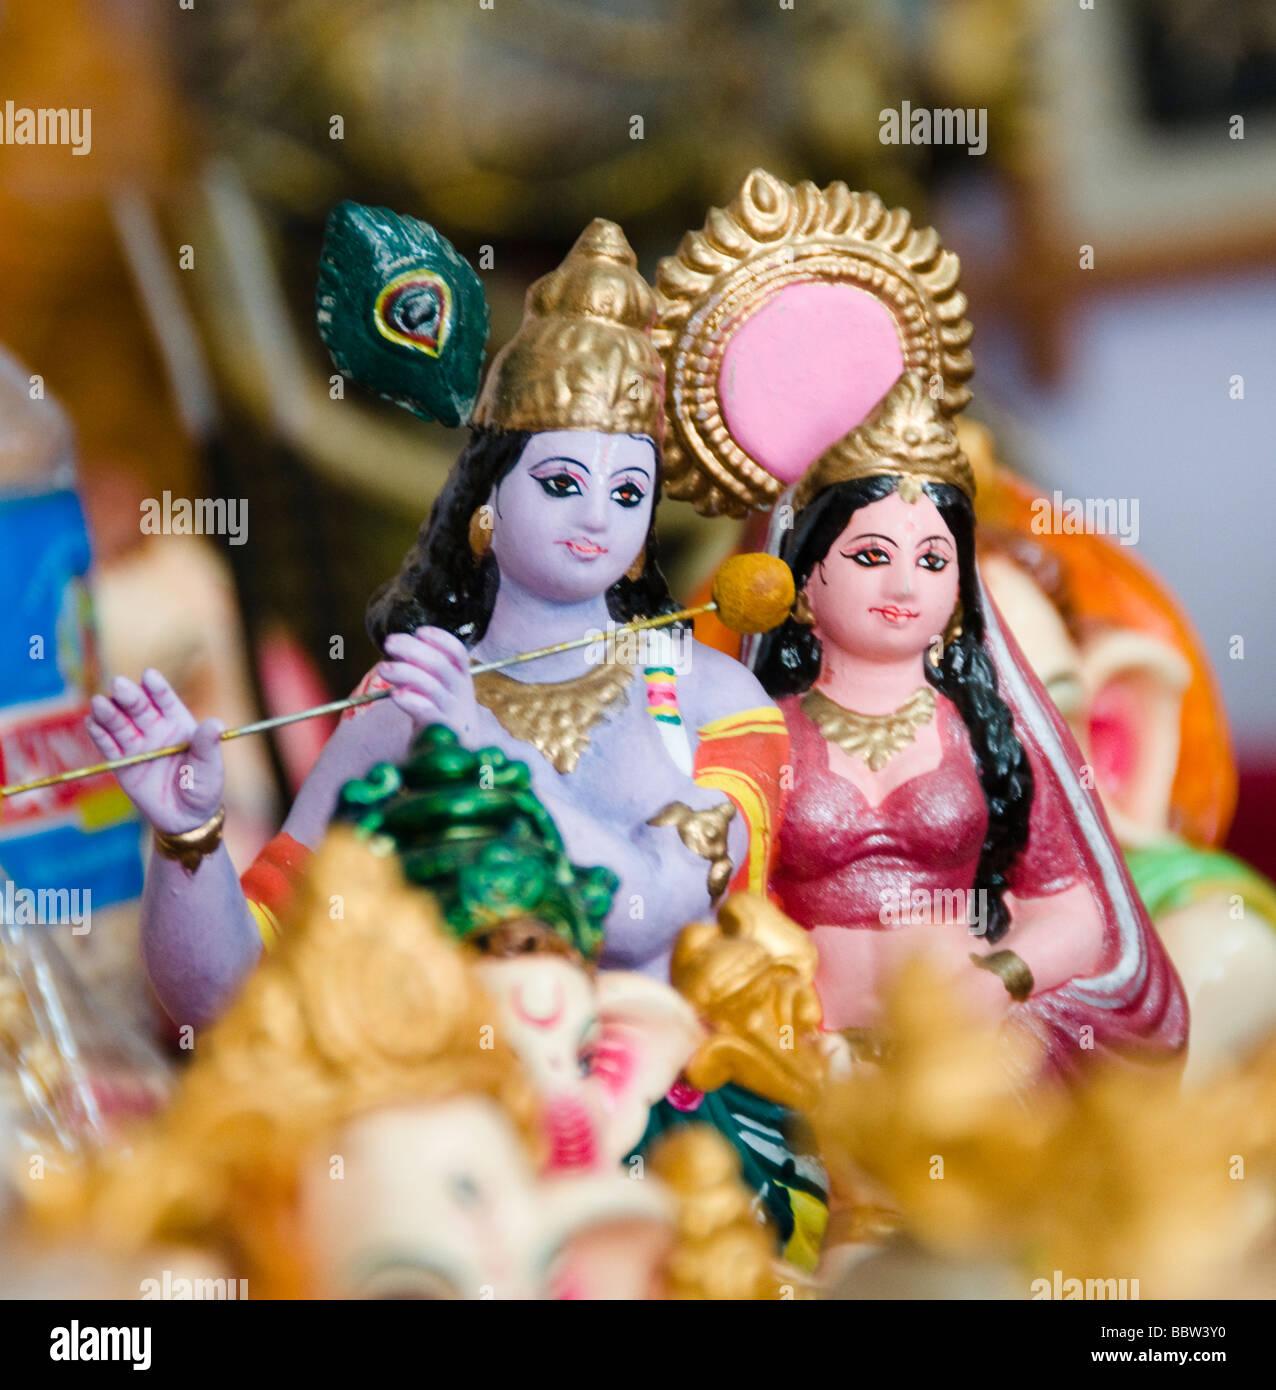 Dio indù idoli, artigianato in vendita in India Immagini Stock